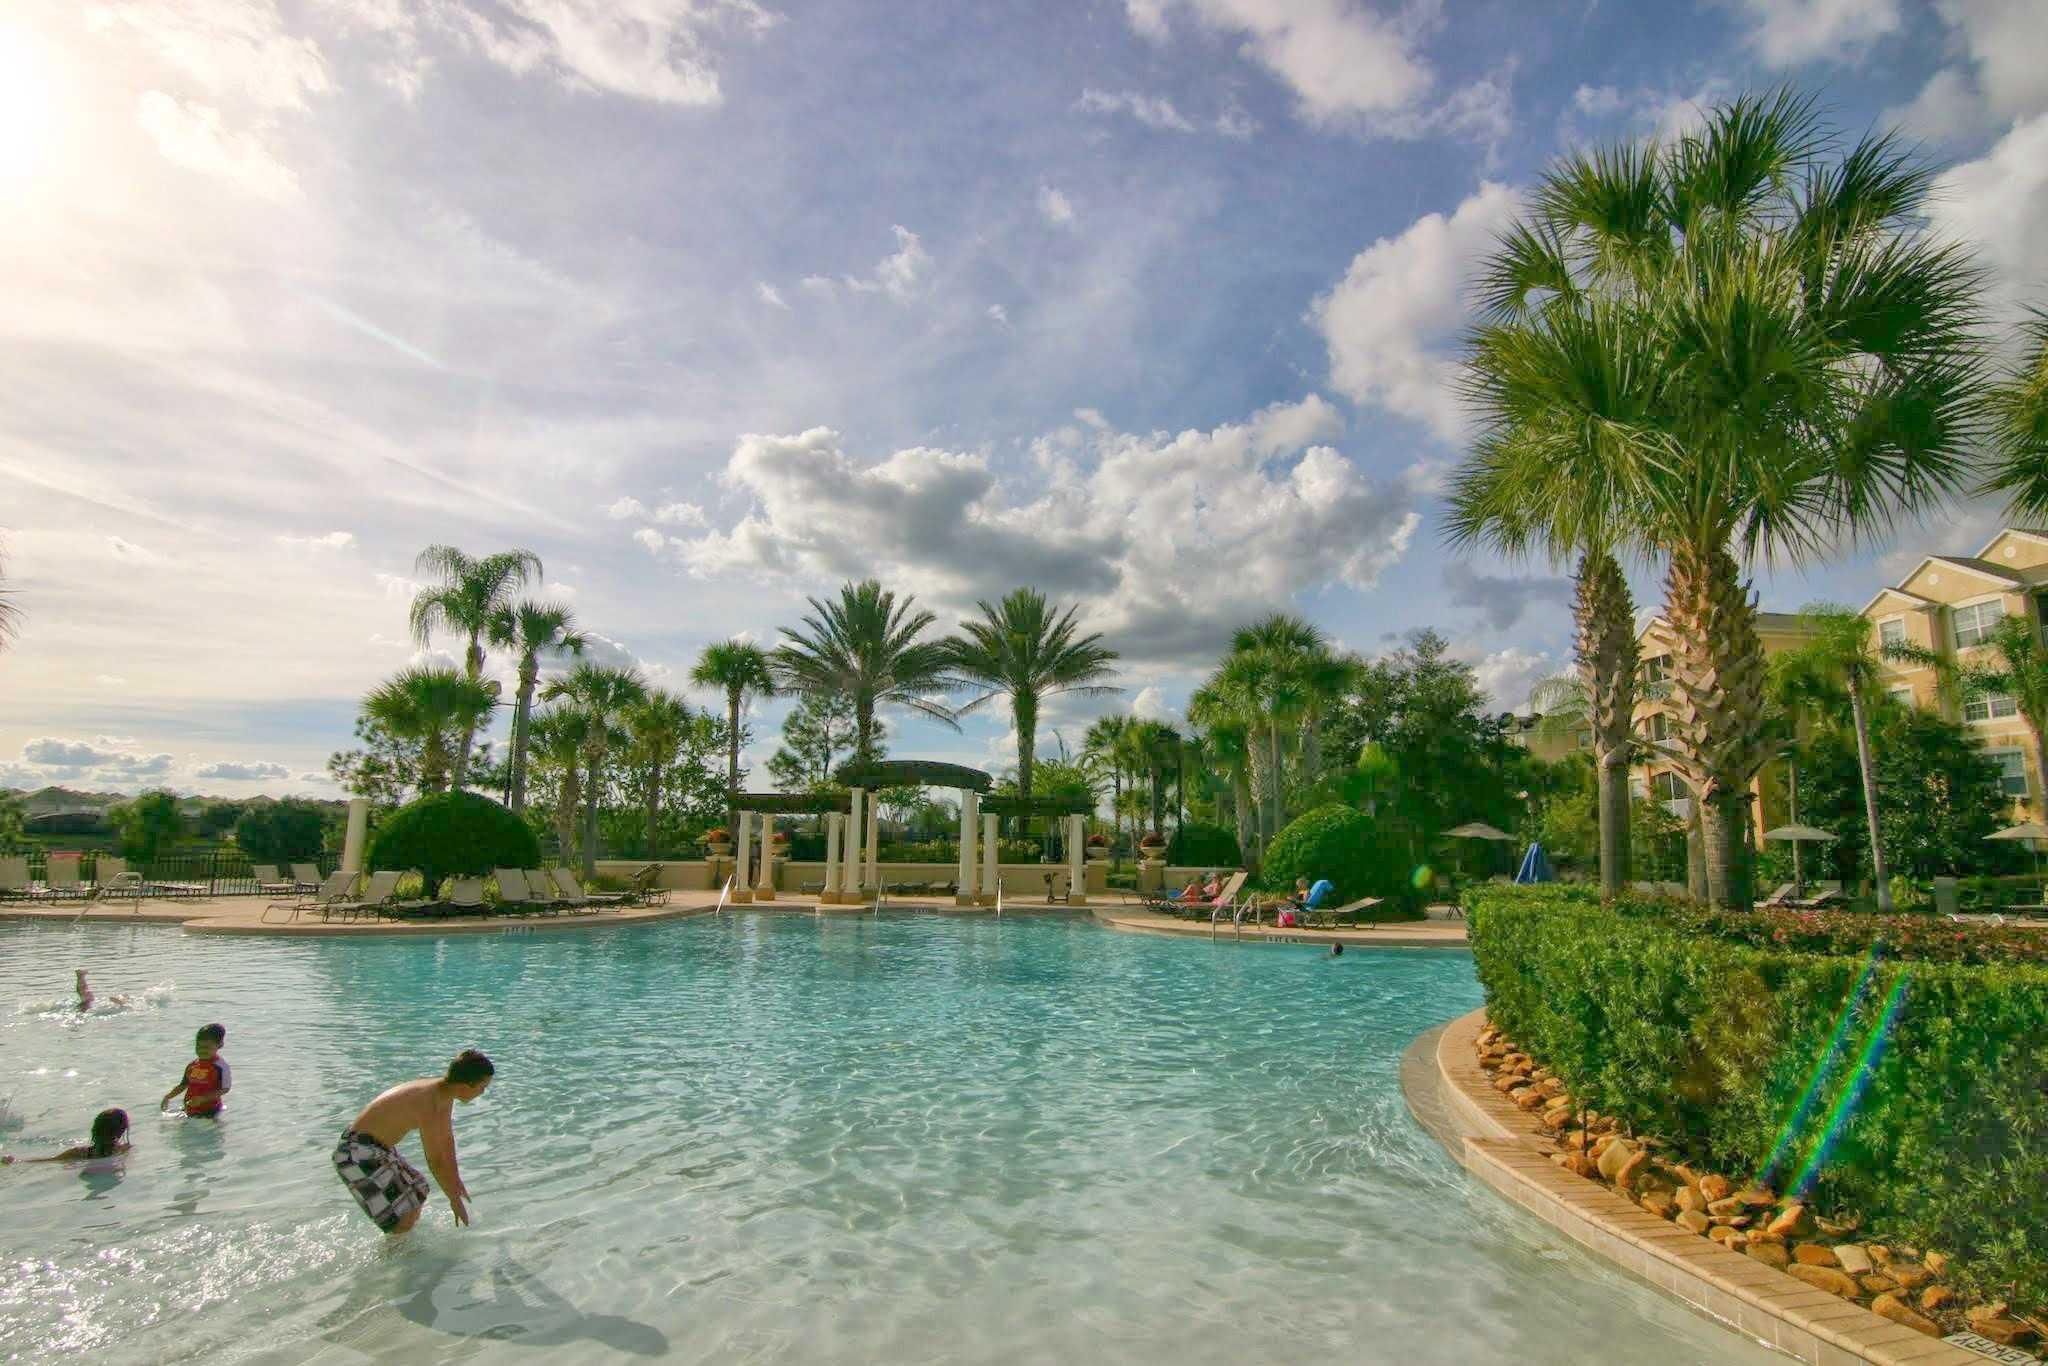 Windsor Hills Resort   Gated   Guarded